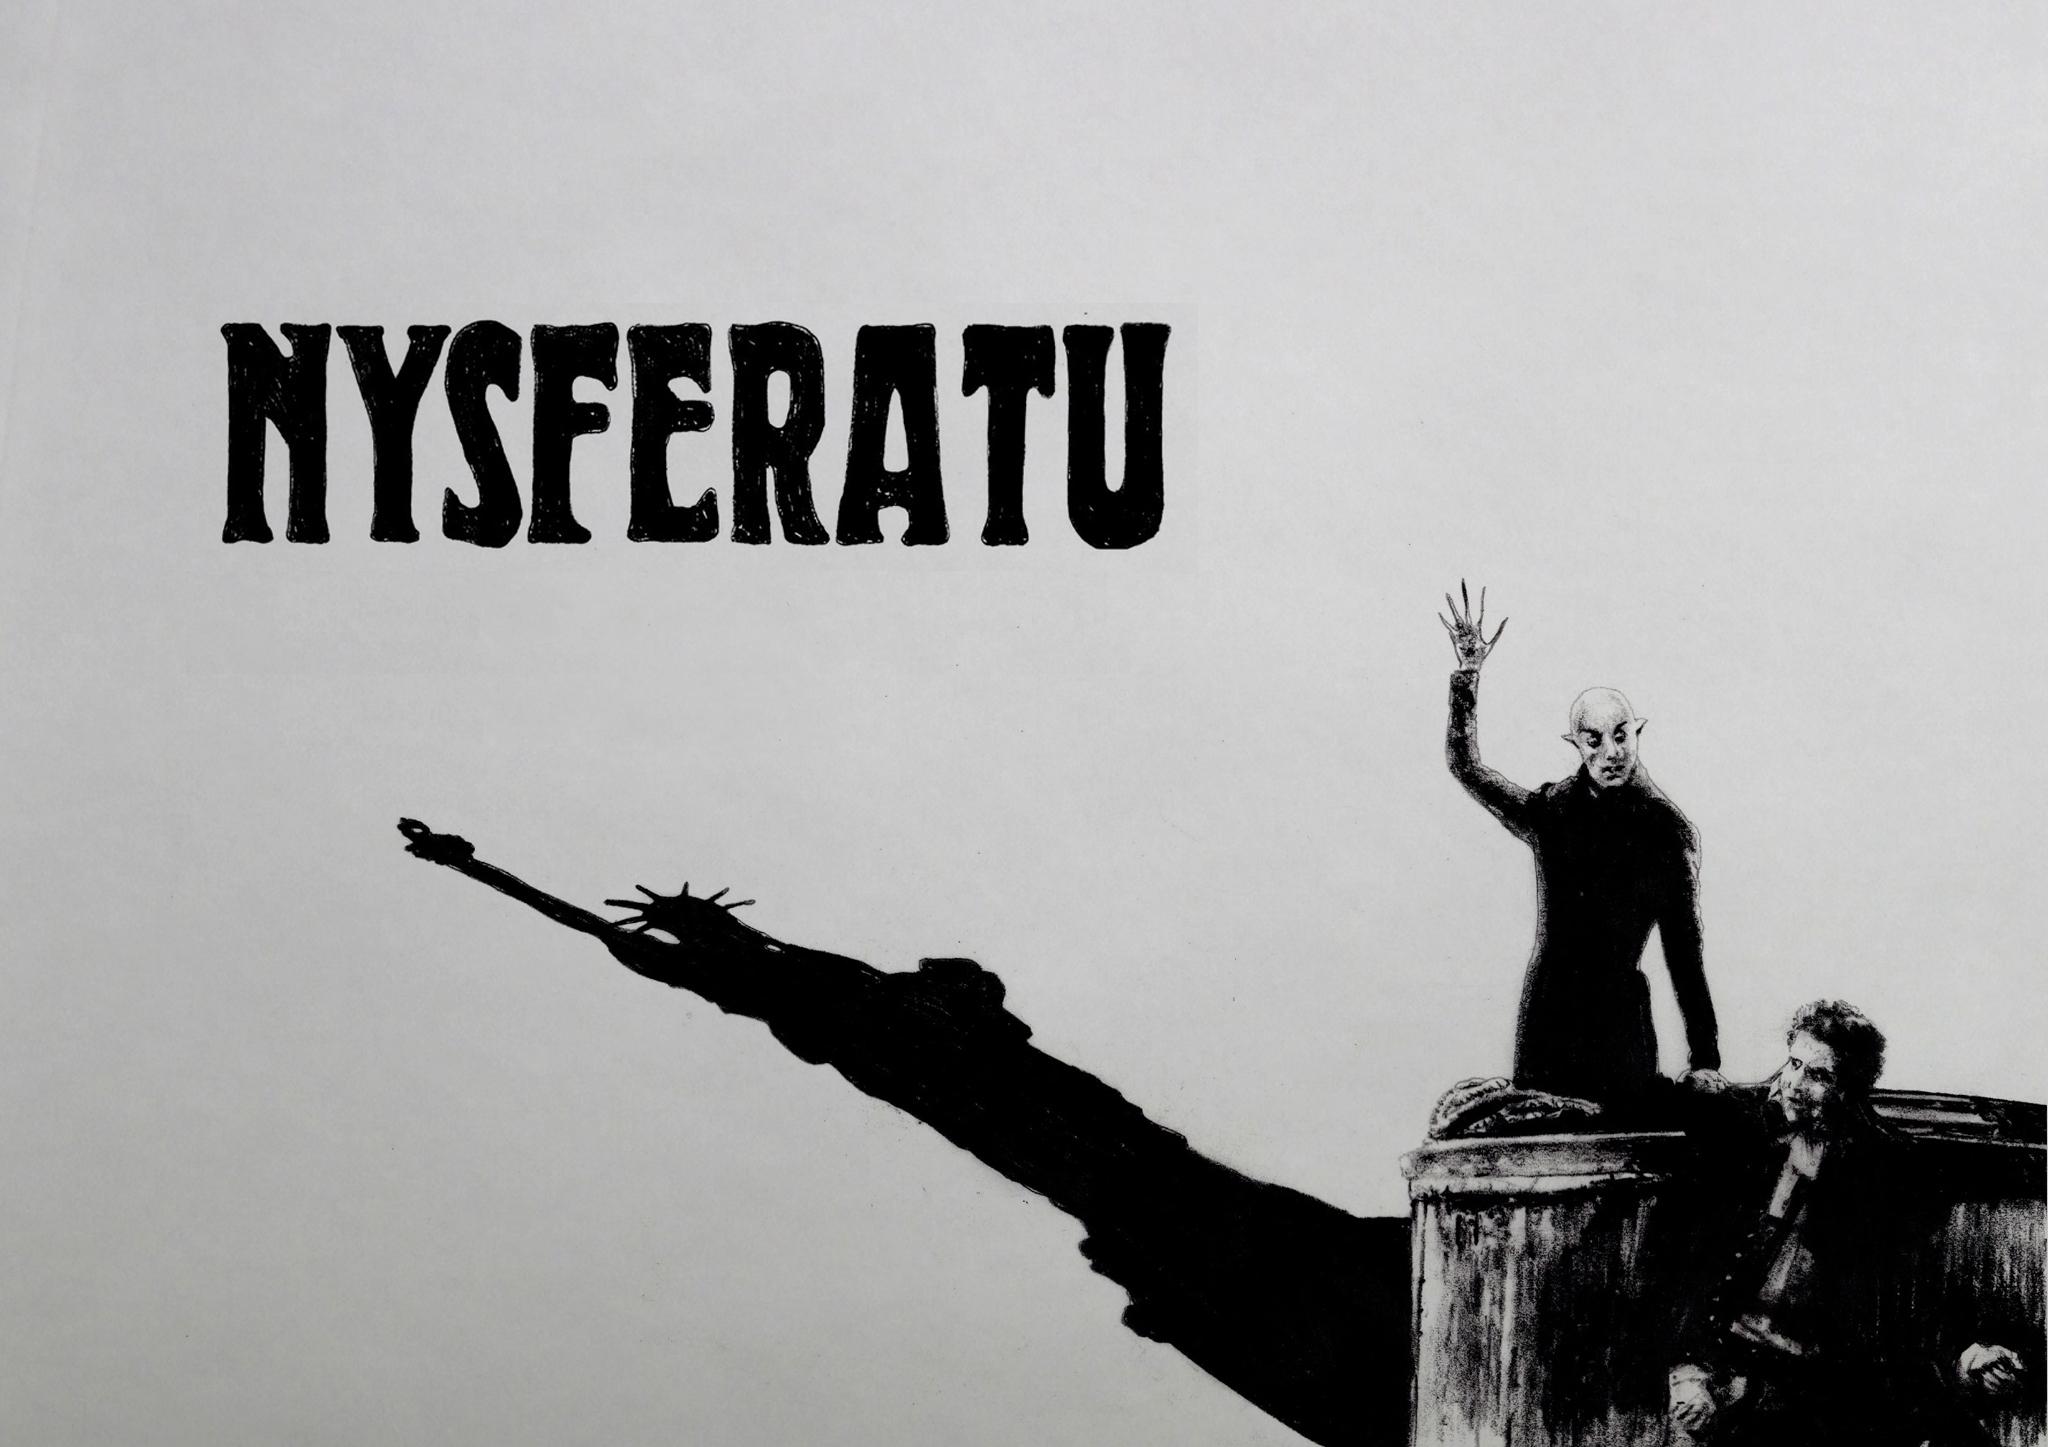 9. More Art_NYsferatu_Film Title Card_Andrea Mastrovito.jpg